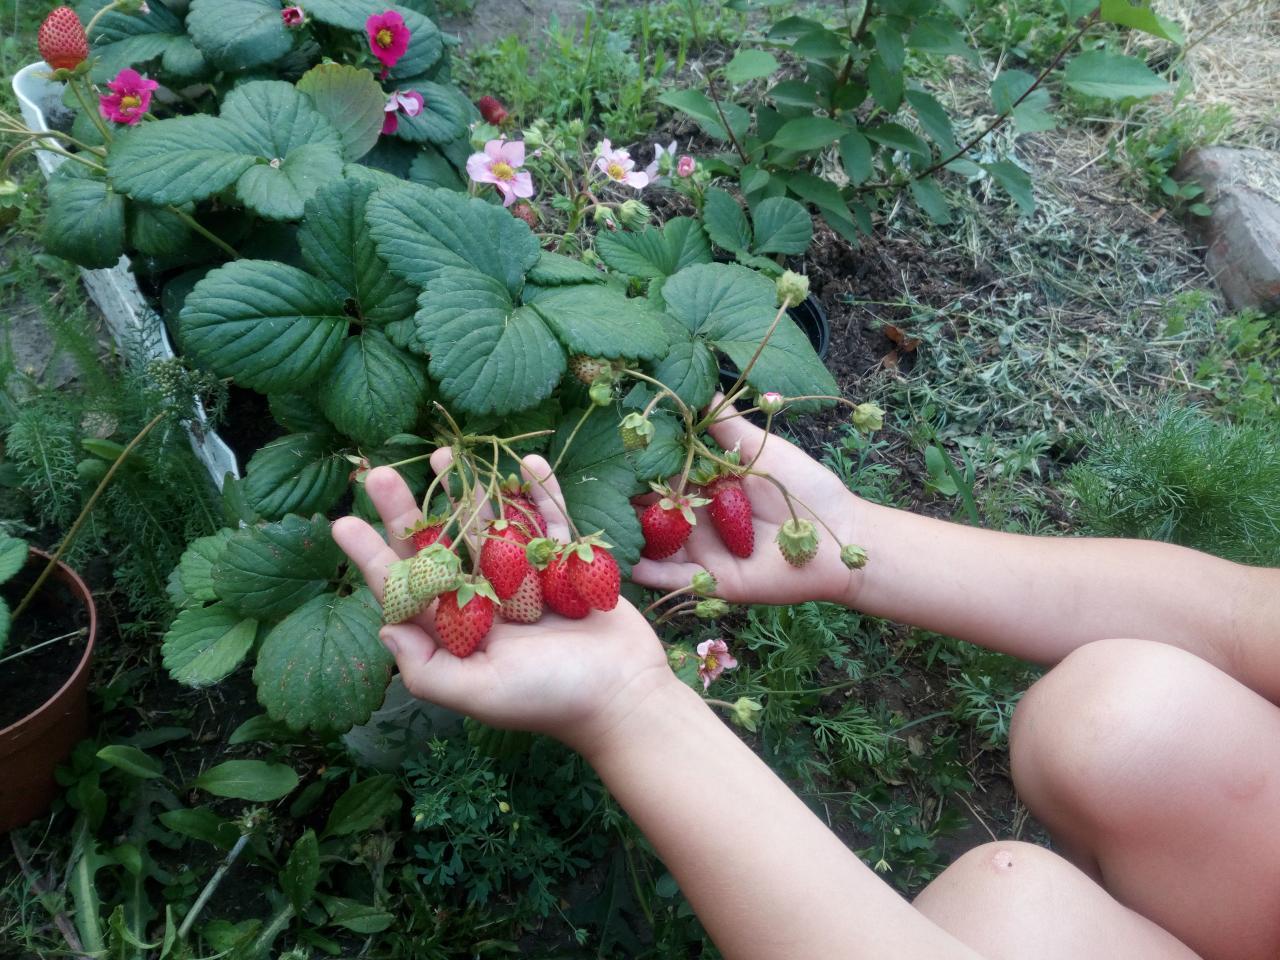 О клубнике берегиня: описание и характеристики сорта, посадка, уход, выращивание